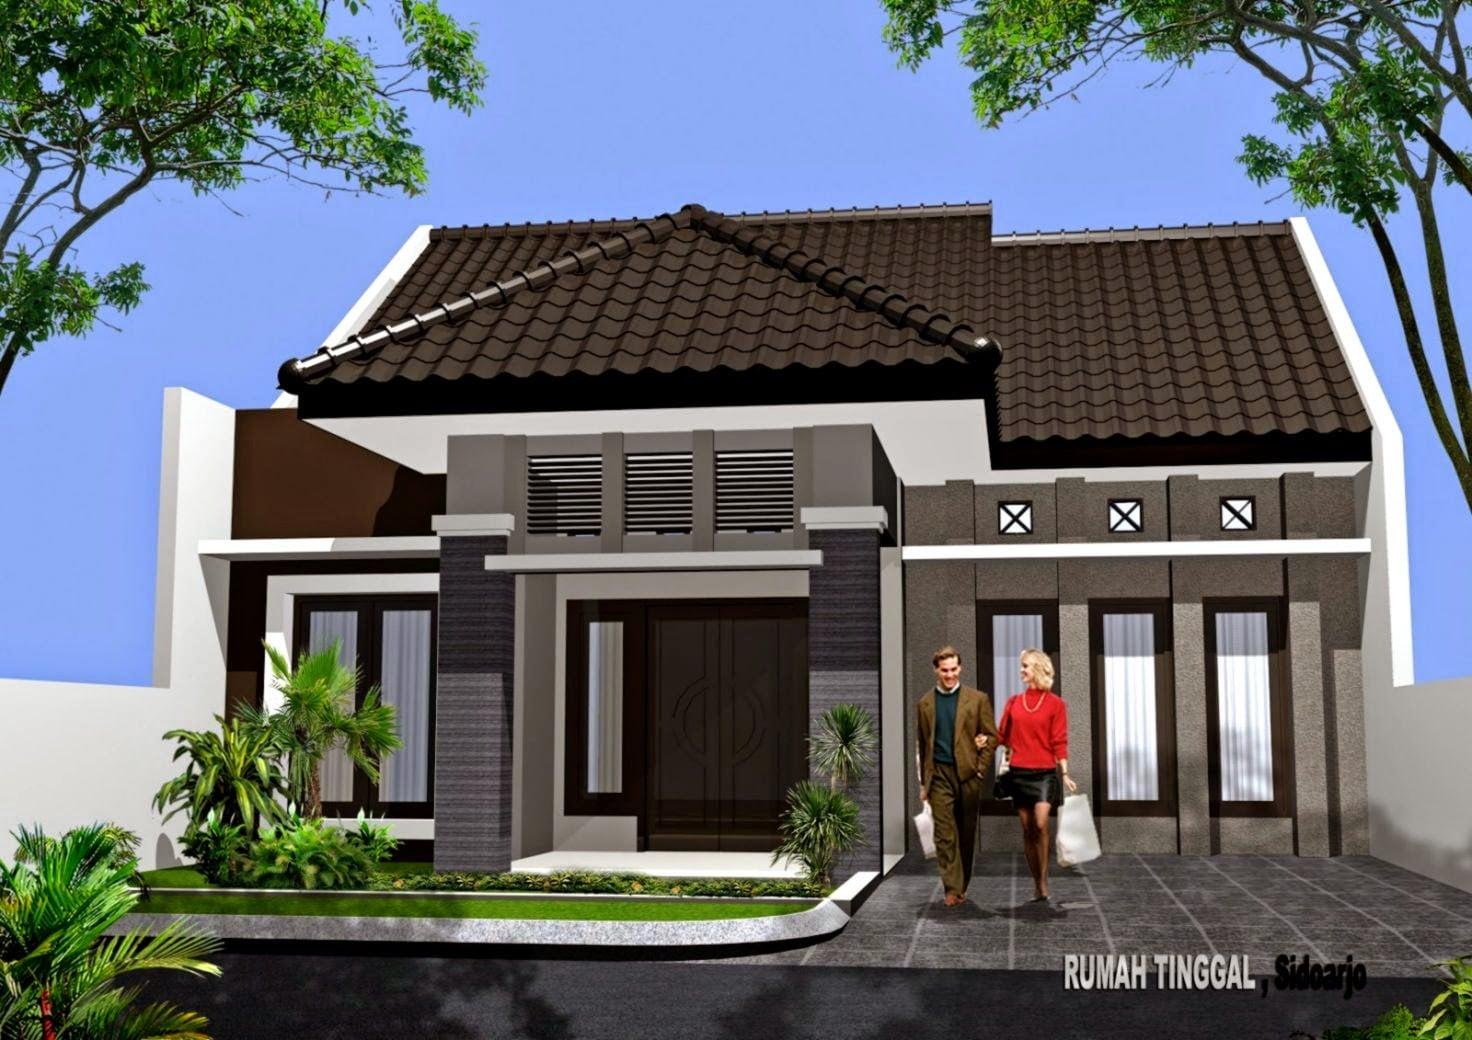 99 Contoh Desain Tampak Depan Rumah Minimalis Ukuran 8X12 Terbaru Dan  Terbaik - Deagam Design